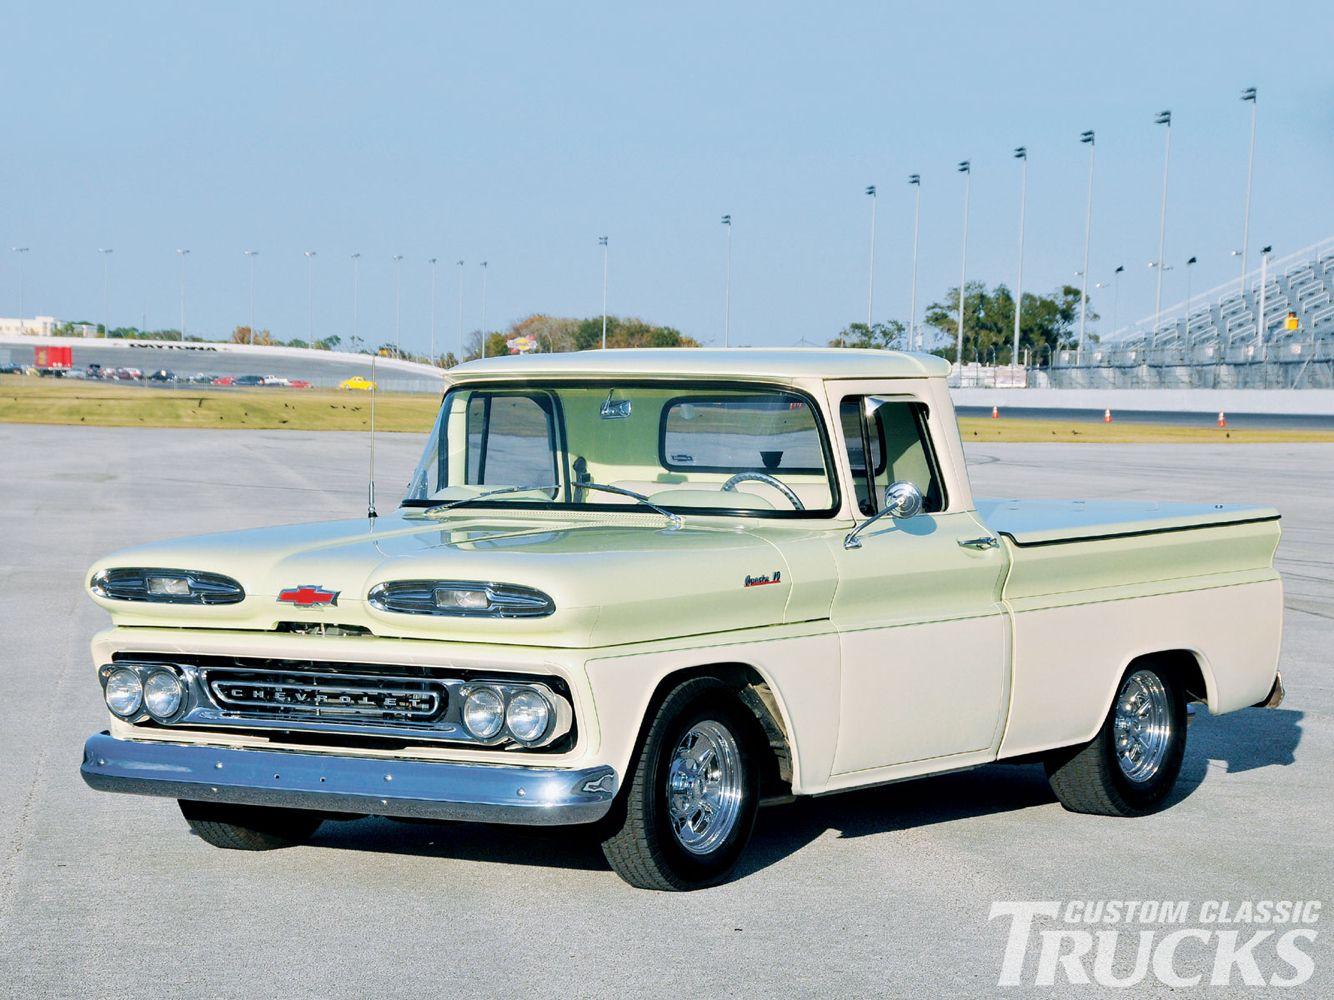 Truck 1963 chevy truck parts : This color scheme | Chevy 1960 C10 Apache | Pinterest | Color ...